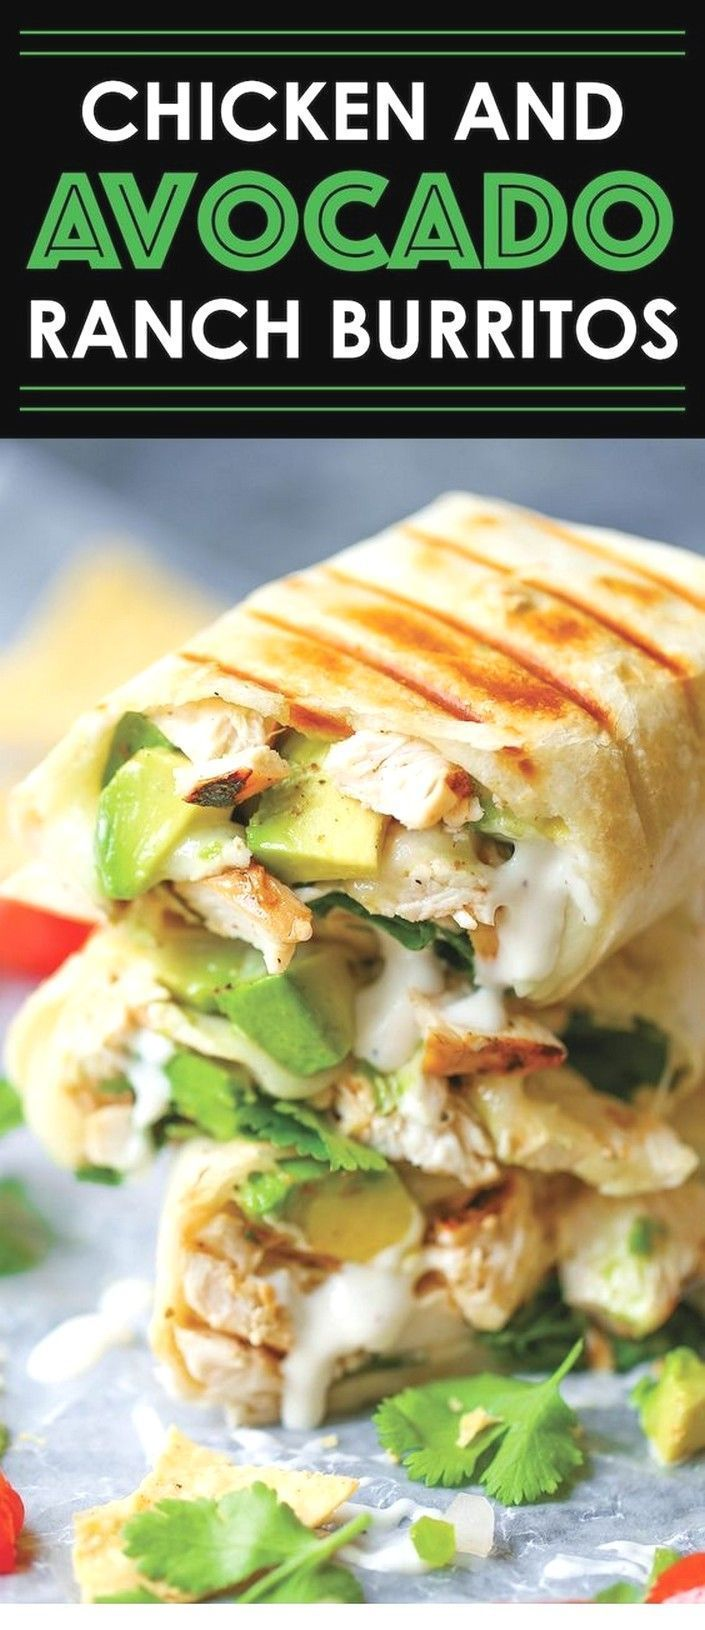 Chicken And Avocado Ranch Burritos | Avocado Recipes - Dinner - #Avocado #Burrit... - #Avocado #burrit #burritos #Chicken #Dinner #ranch #Recipes #avocadoranch